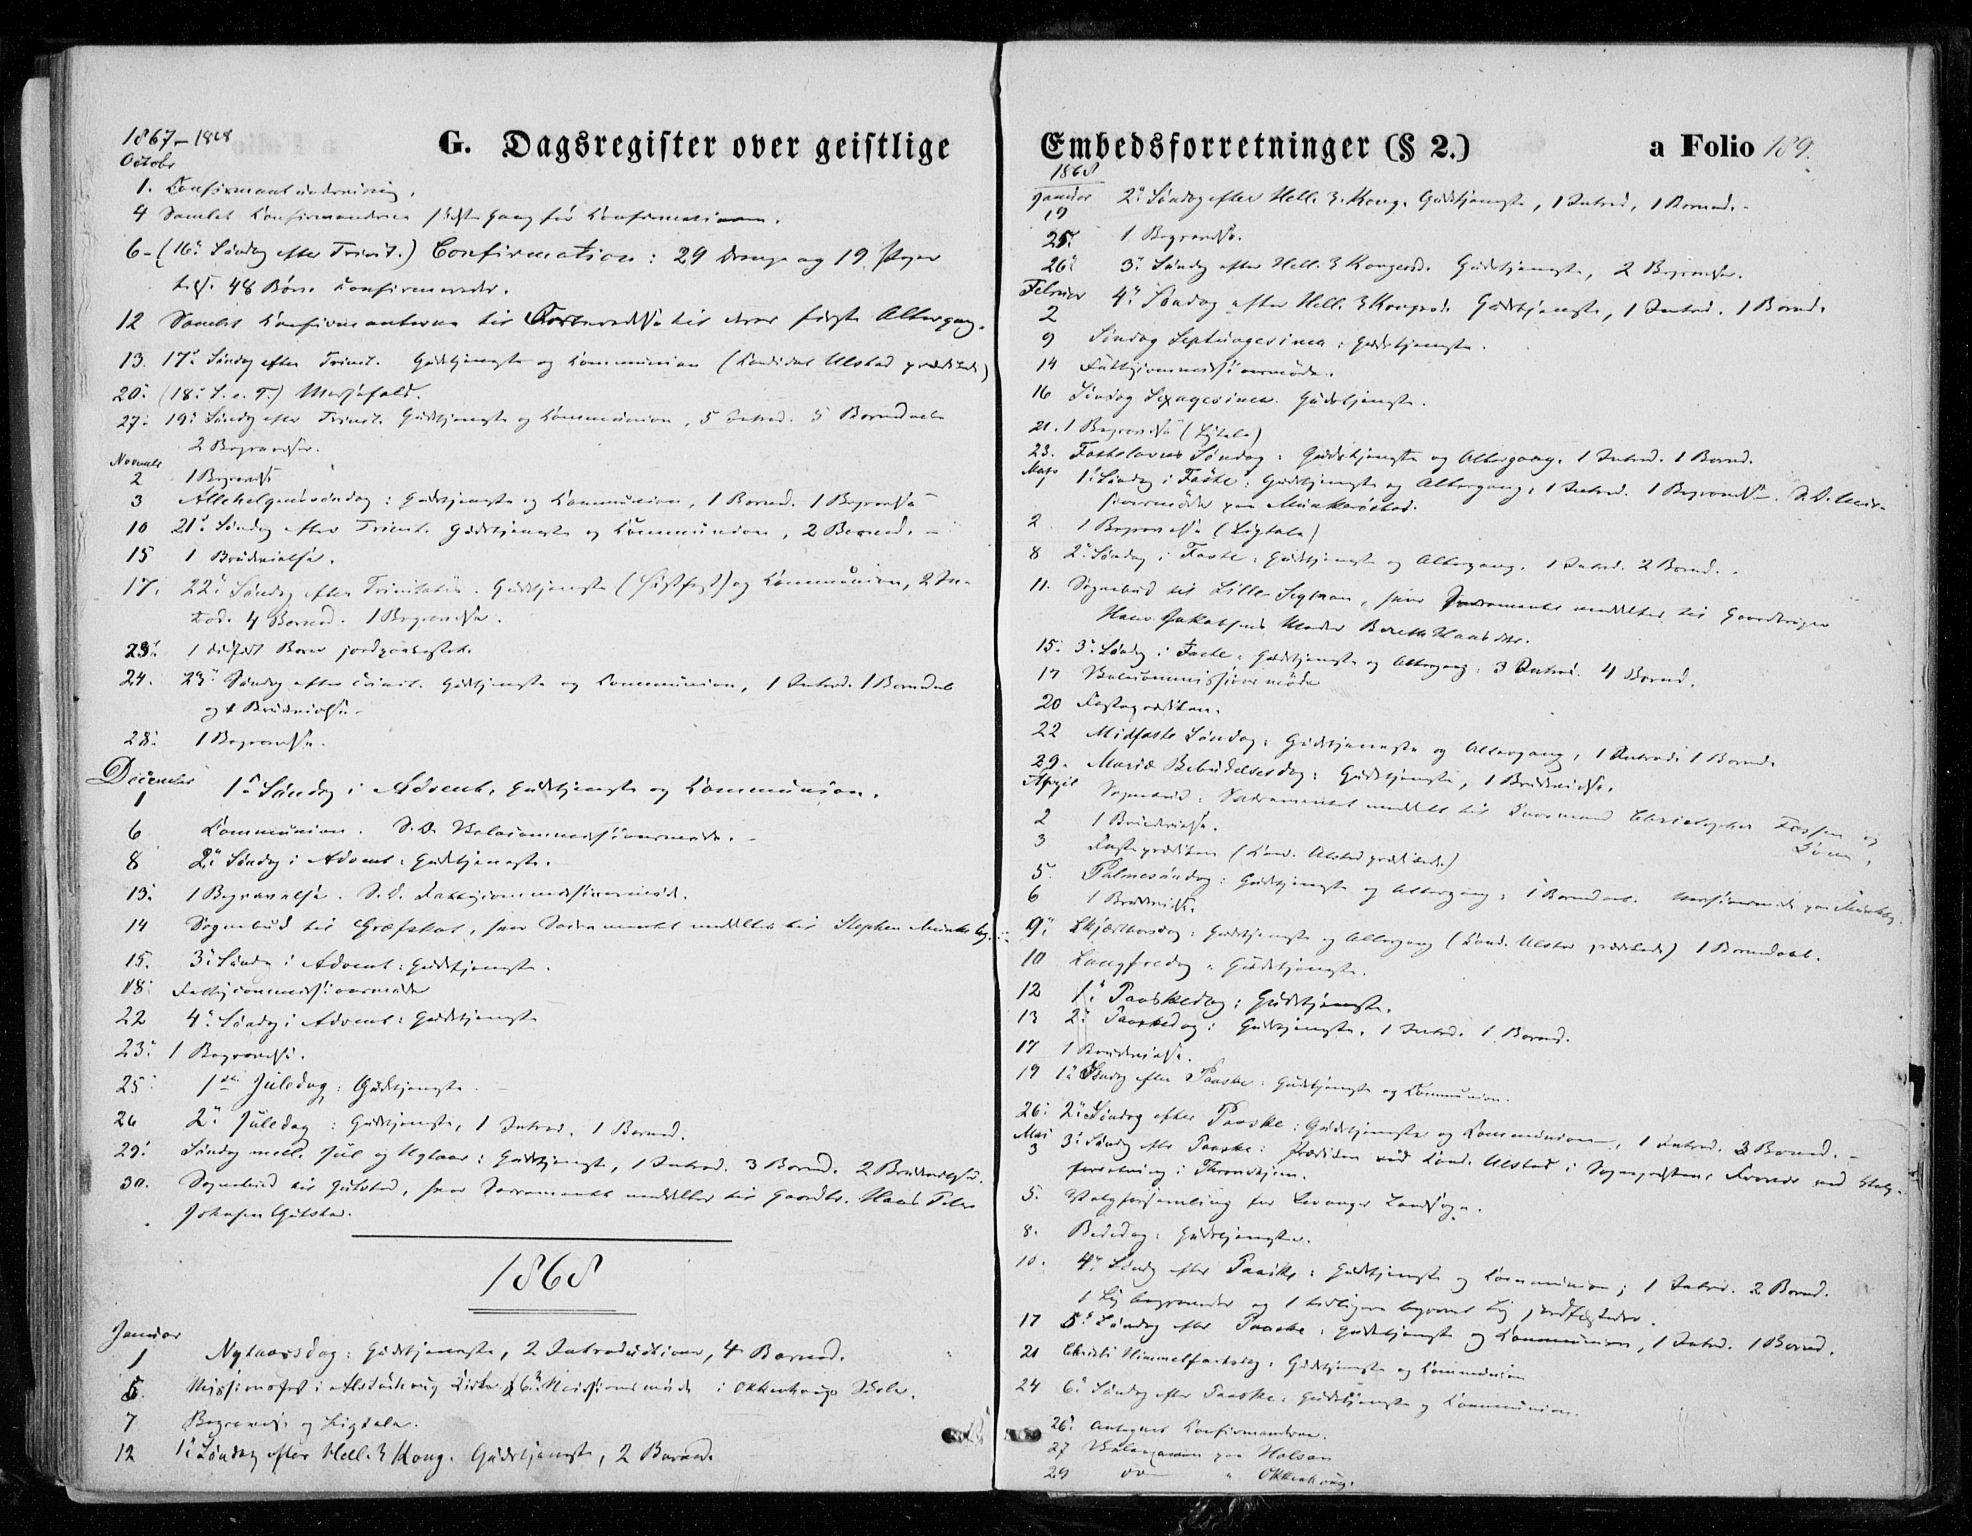 SAT, Ministerialprotokoller, klokkerbøker og fødselsregistre - Nord-Trøndelag, 721/L0206: Ministerialbok nr. 721A01, 1864-1874, s. 189